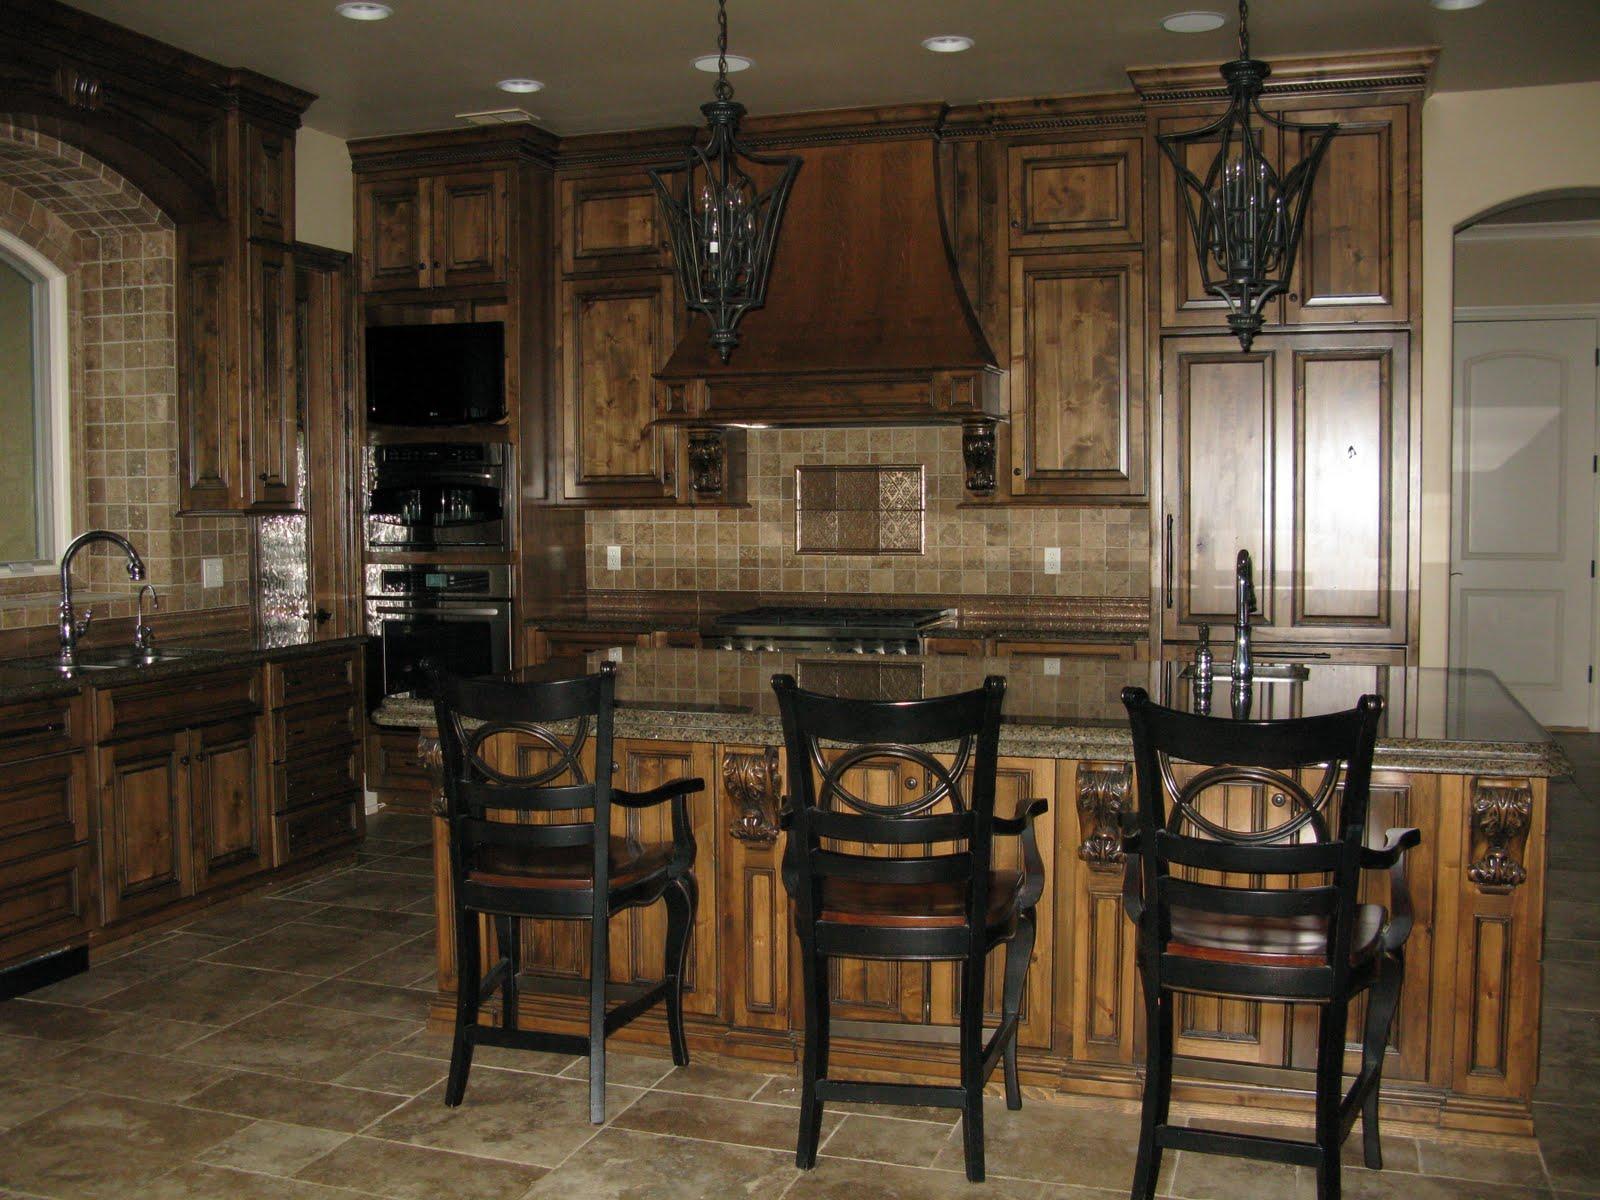 kitchen island stools new leopard print kitchen island with chairs Kitchen Island Stools New Leopard Print Chair